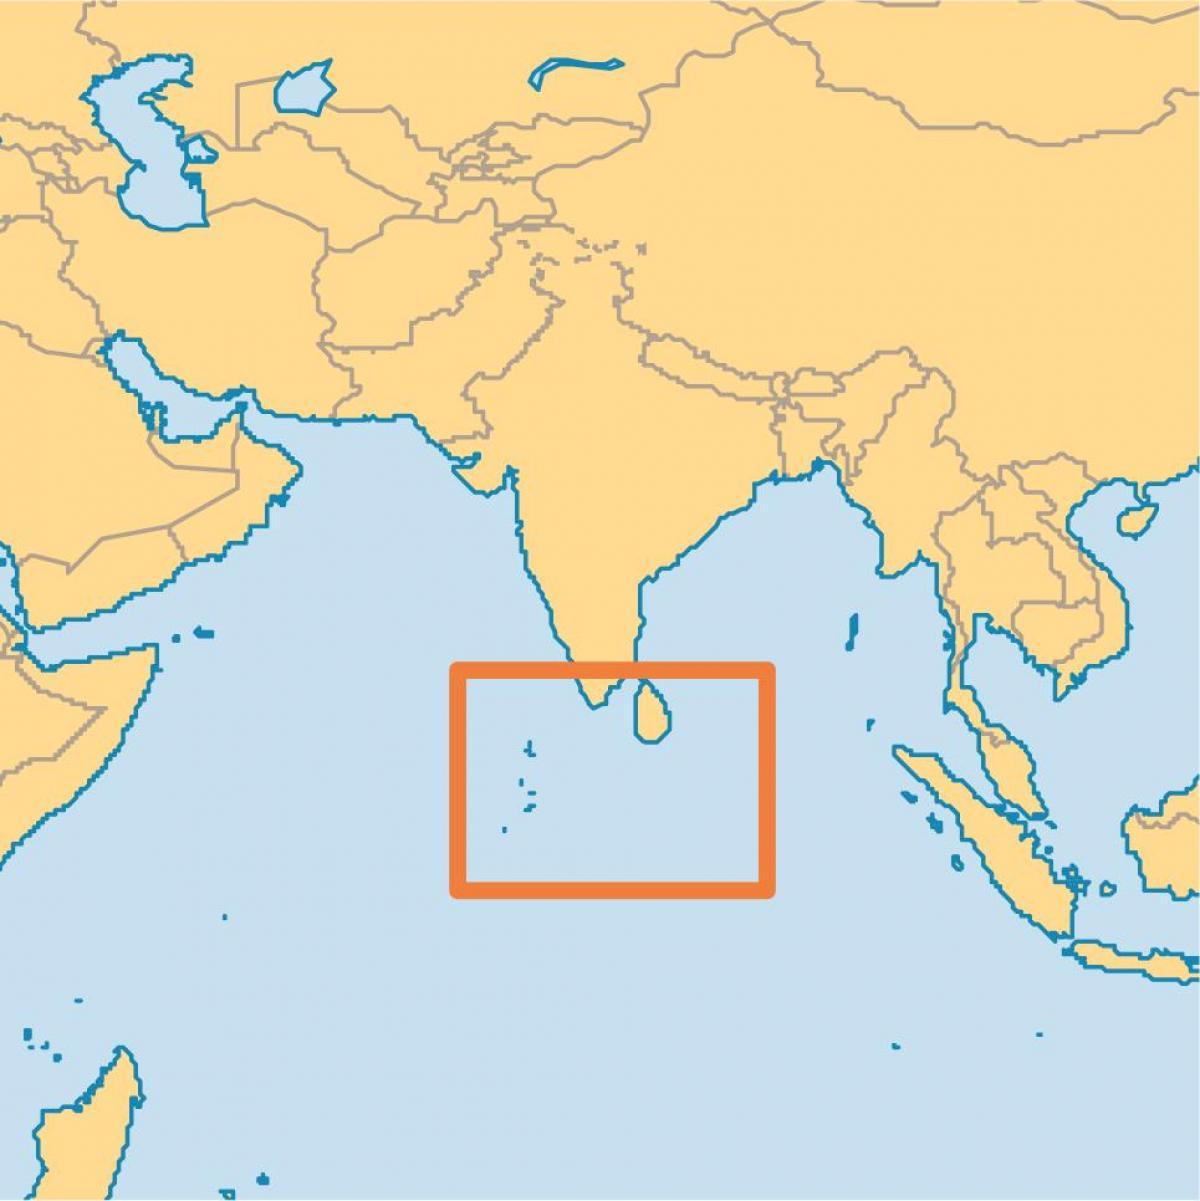 Malediven Karte Weltkarte.Weltkarte Malediven Malediven Insel Lage Auf Der Weltkarte Im